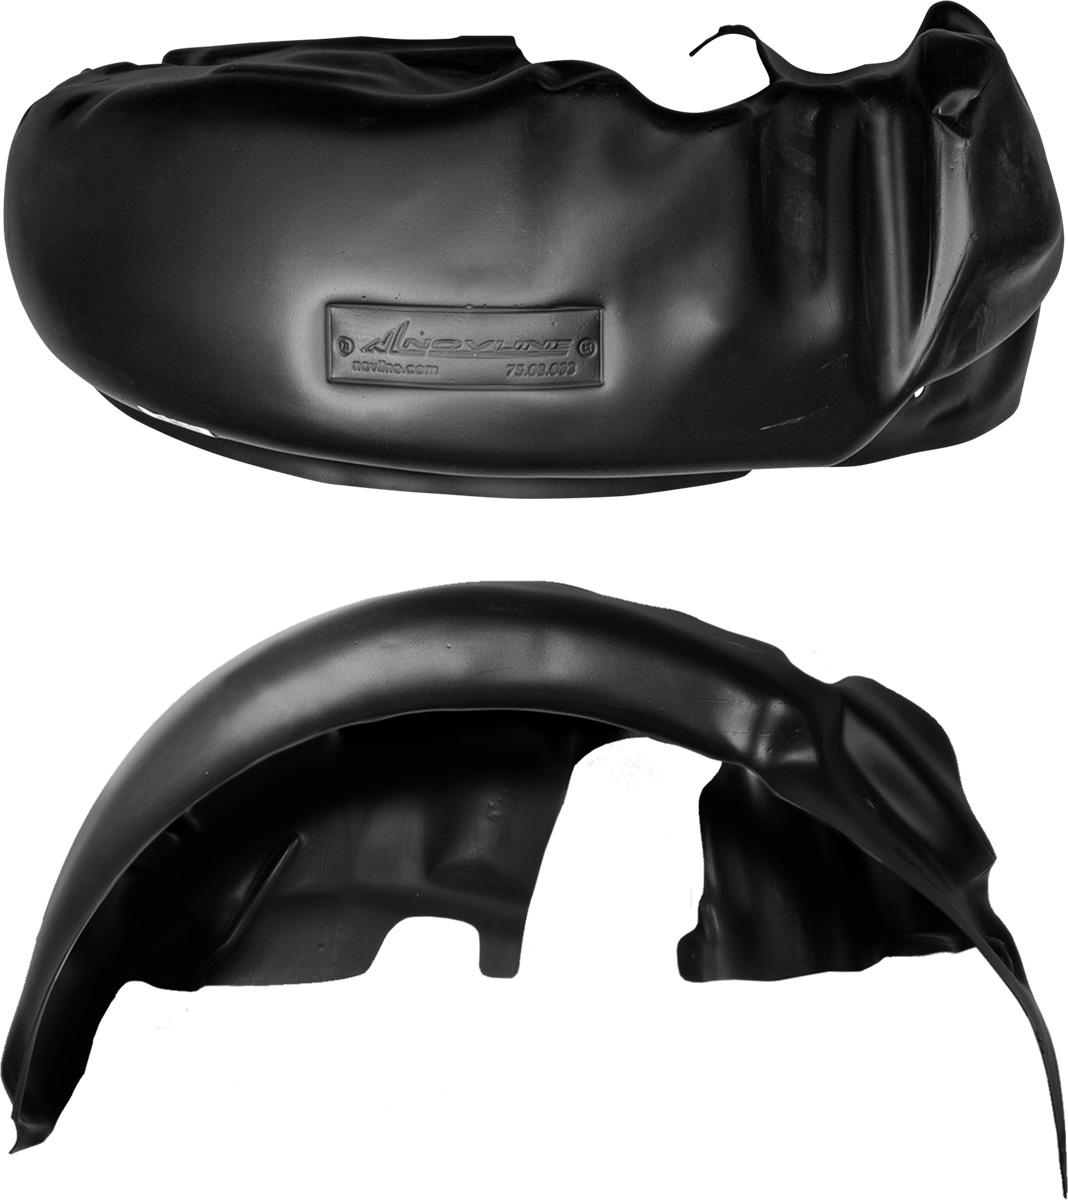 Подкрылок DAEWOO Matiz 2005->, задний правыйCLP446Колесные ниши – одни из самых уязвимых зон днища вашего автомобиля. Они постоянно подвергаются воздействию со стороны дороги. Лучшая, почти абсолютная защита для них - специально отформованные пластиковые кожухи, которые называются подкрылками, или локерами. Производятся они как для отечественных моделей автомобилей, так и для иномарок. Подкрылки выполнены из высококачественного, экологически чистого пластика. Обеспечивают надежную защиту кузова автомобиля от пескоструйного эффекта и негативного влияния, агрессивных антигололедных реагентов. Пластик обладает более низкой теплопроводностью, чем металл, поэтому в зимний период эксплуатации использование пластиковых подкрылков позволяет лучше защитить колесные ниши от налипания снега и образования наледи. Оригинальность конструкции подчеркивает элегантность автомобиля, бережно защищает нанесенное на днище кузова антикоррозийное покрытие и позволяет осуществить крепление подкрылков внутри колесной арки практически без дополнительного крепежа и сверления, не нарушая при этом лакокрасочного покрытия, что предотвращает возникновение новых очагов коррозии. Технология крепления подкрылков на иномарки принципиально отличается от крепления на российские автомобили и разрабатывается индивидуально для каждой модели автомобиля. Подкрылки долговечны, обладают высокой прочностью и сохраняют заданную форму, а также все свои физико-механические характеристики в самых тяжелых климатических условиях ( от -50° С до + 50° С).